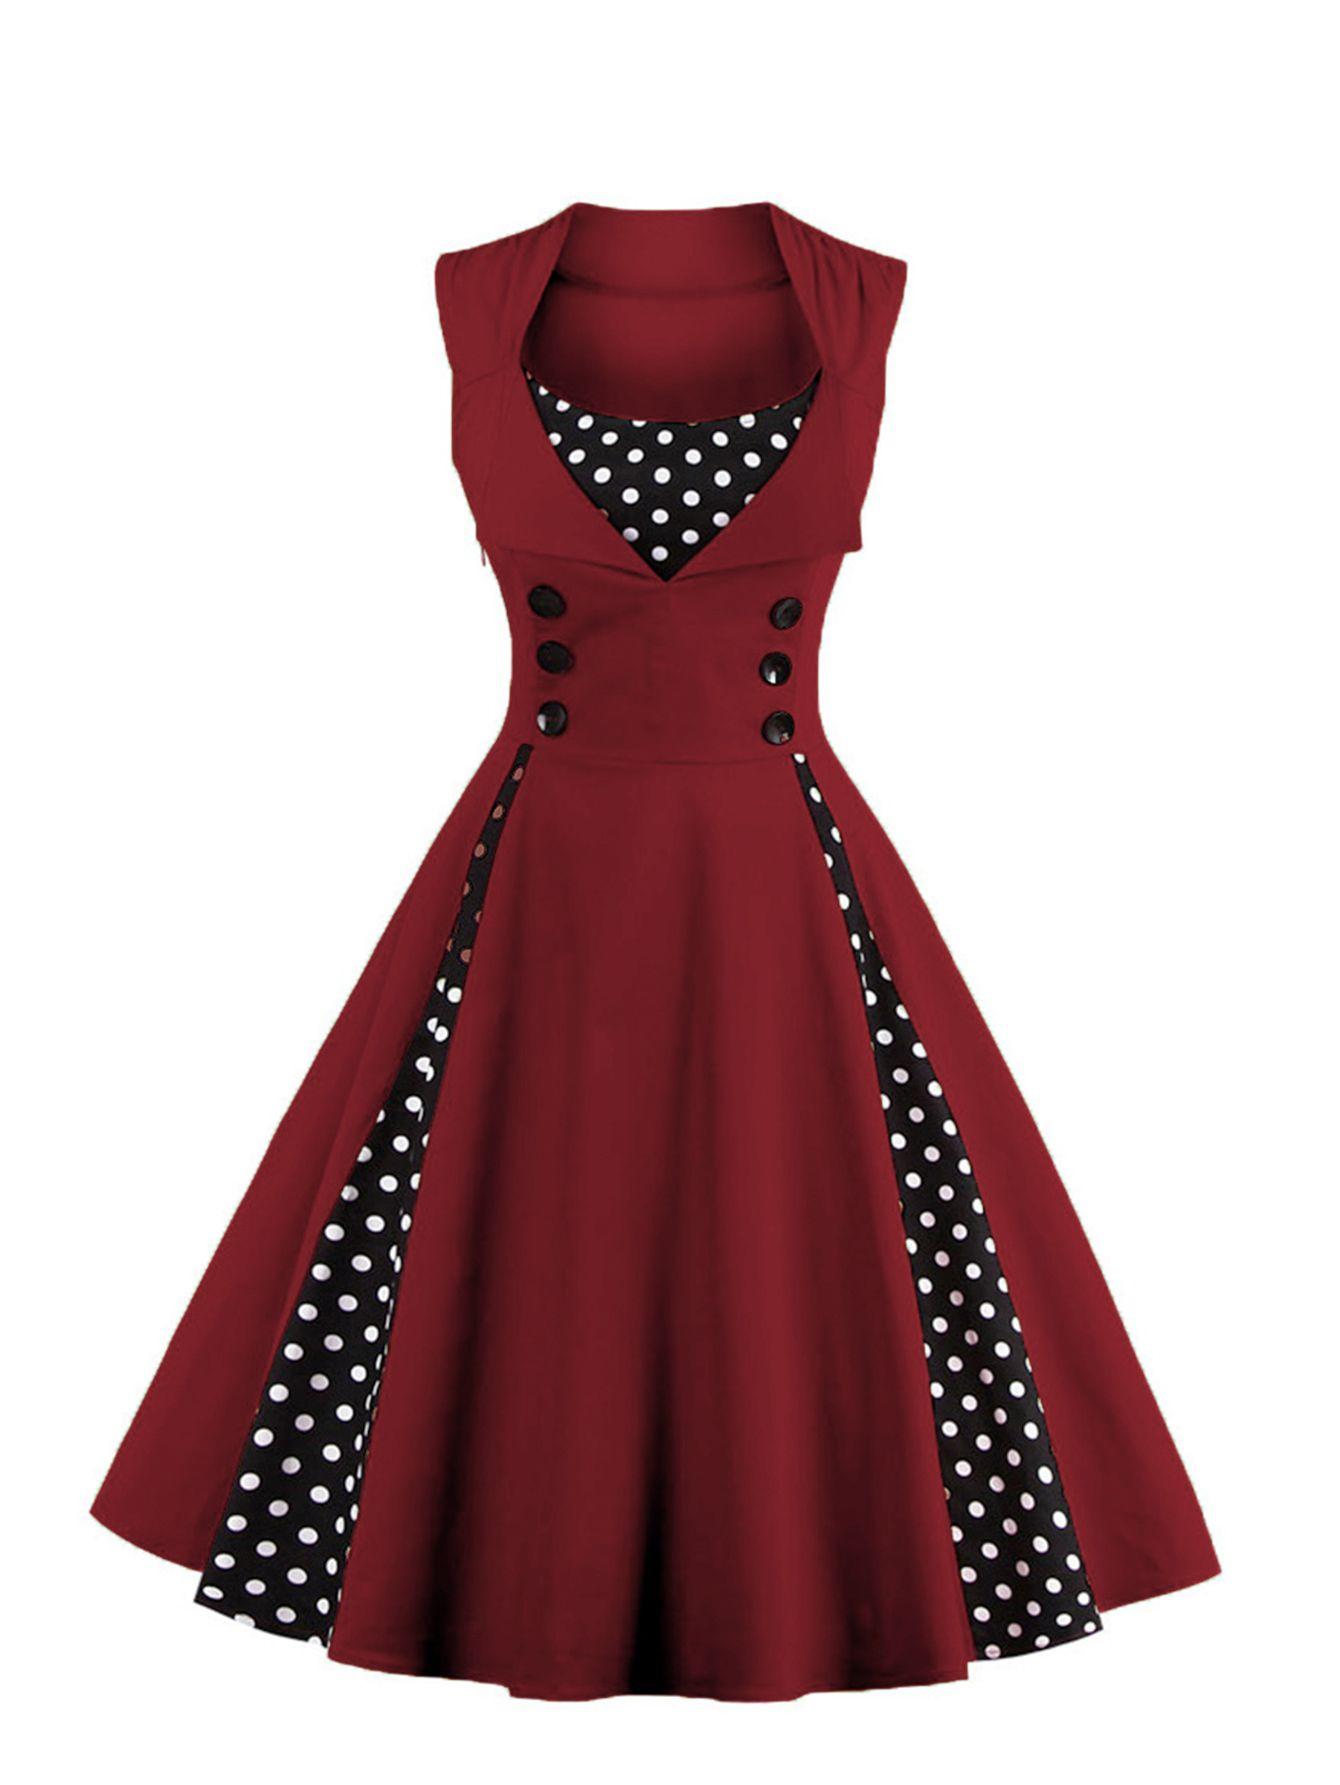 Vestido Doblado De Lunares Spanish Shein Sheinside Vestidos De Fiesta Elegantes Vestidos De Mujer Vestidos De Moda